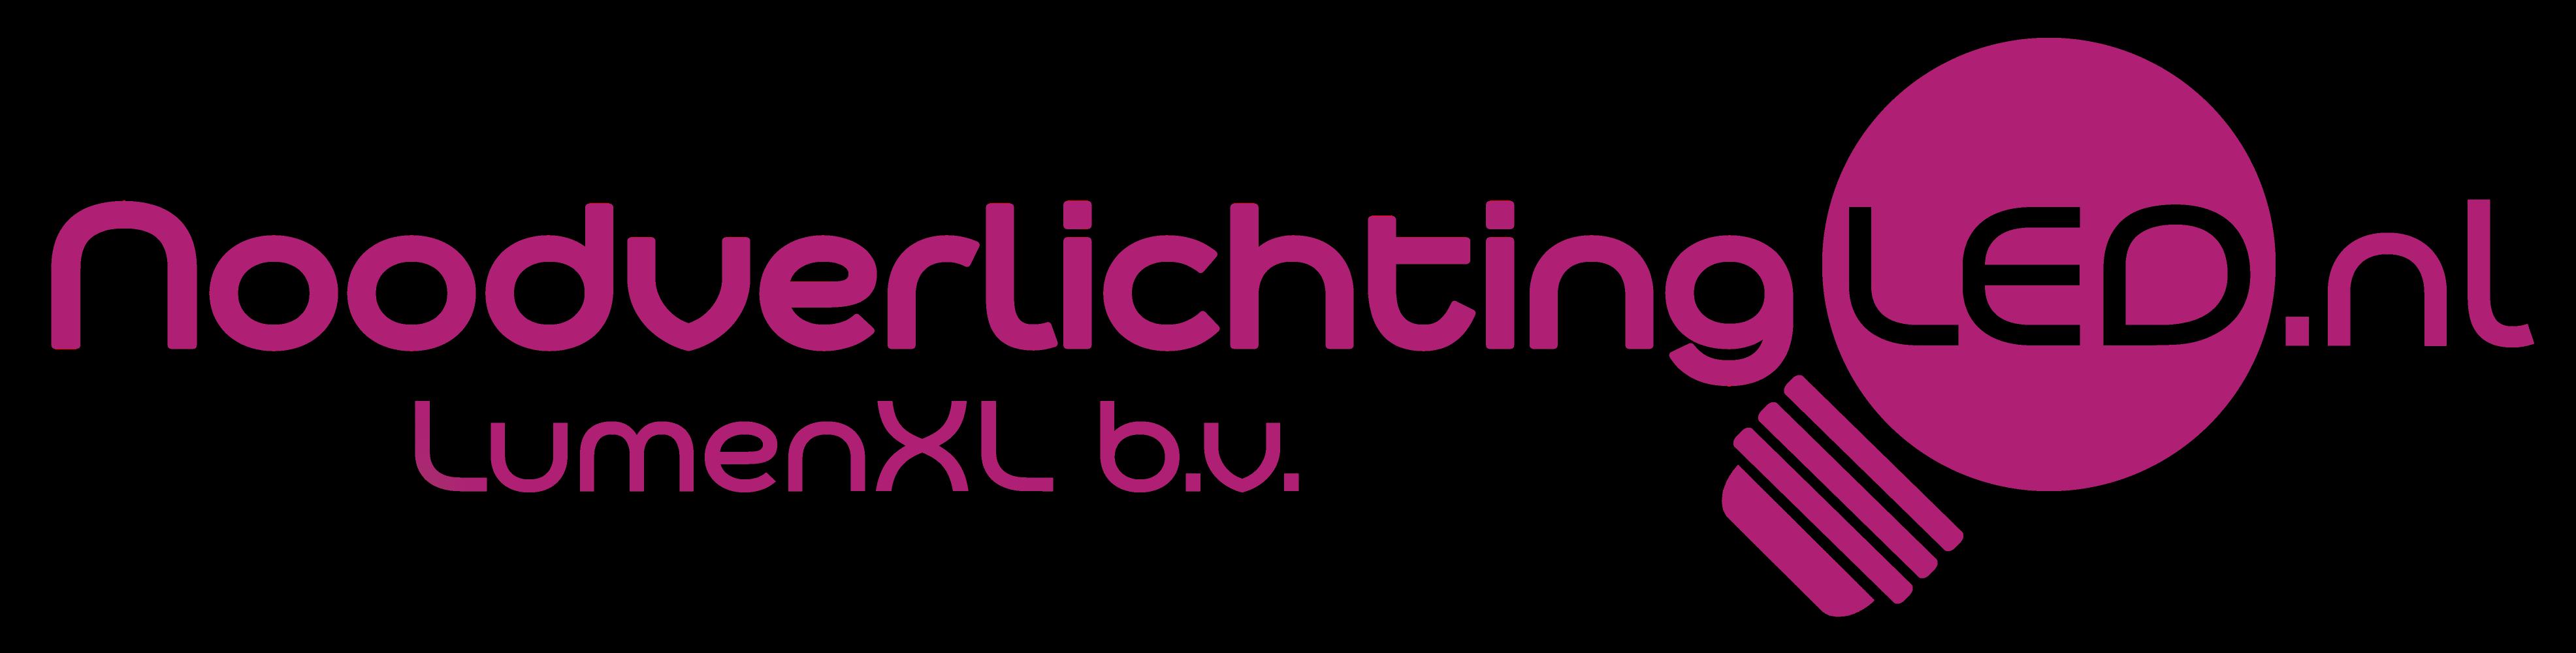 NoodverlichtingLED.nl, specialist in noodverlichting